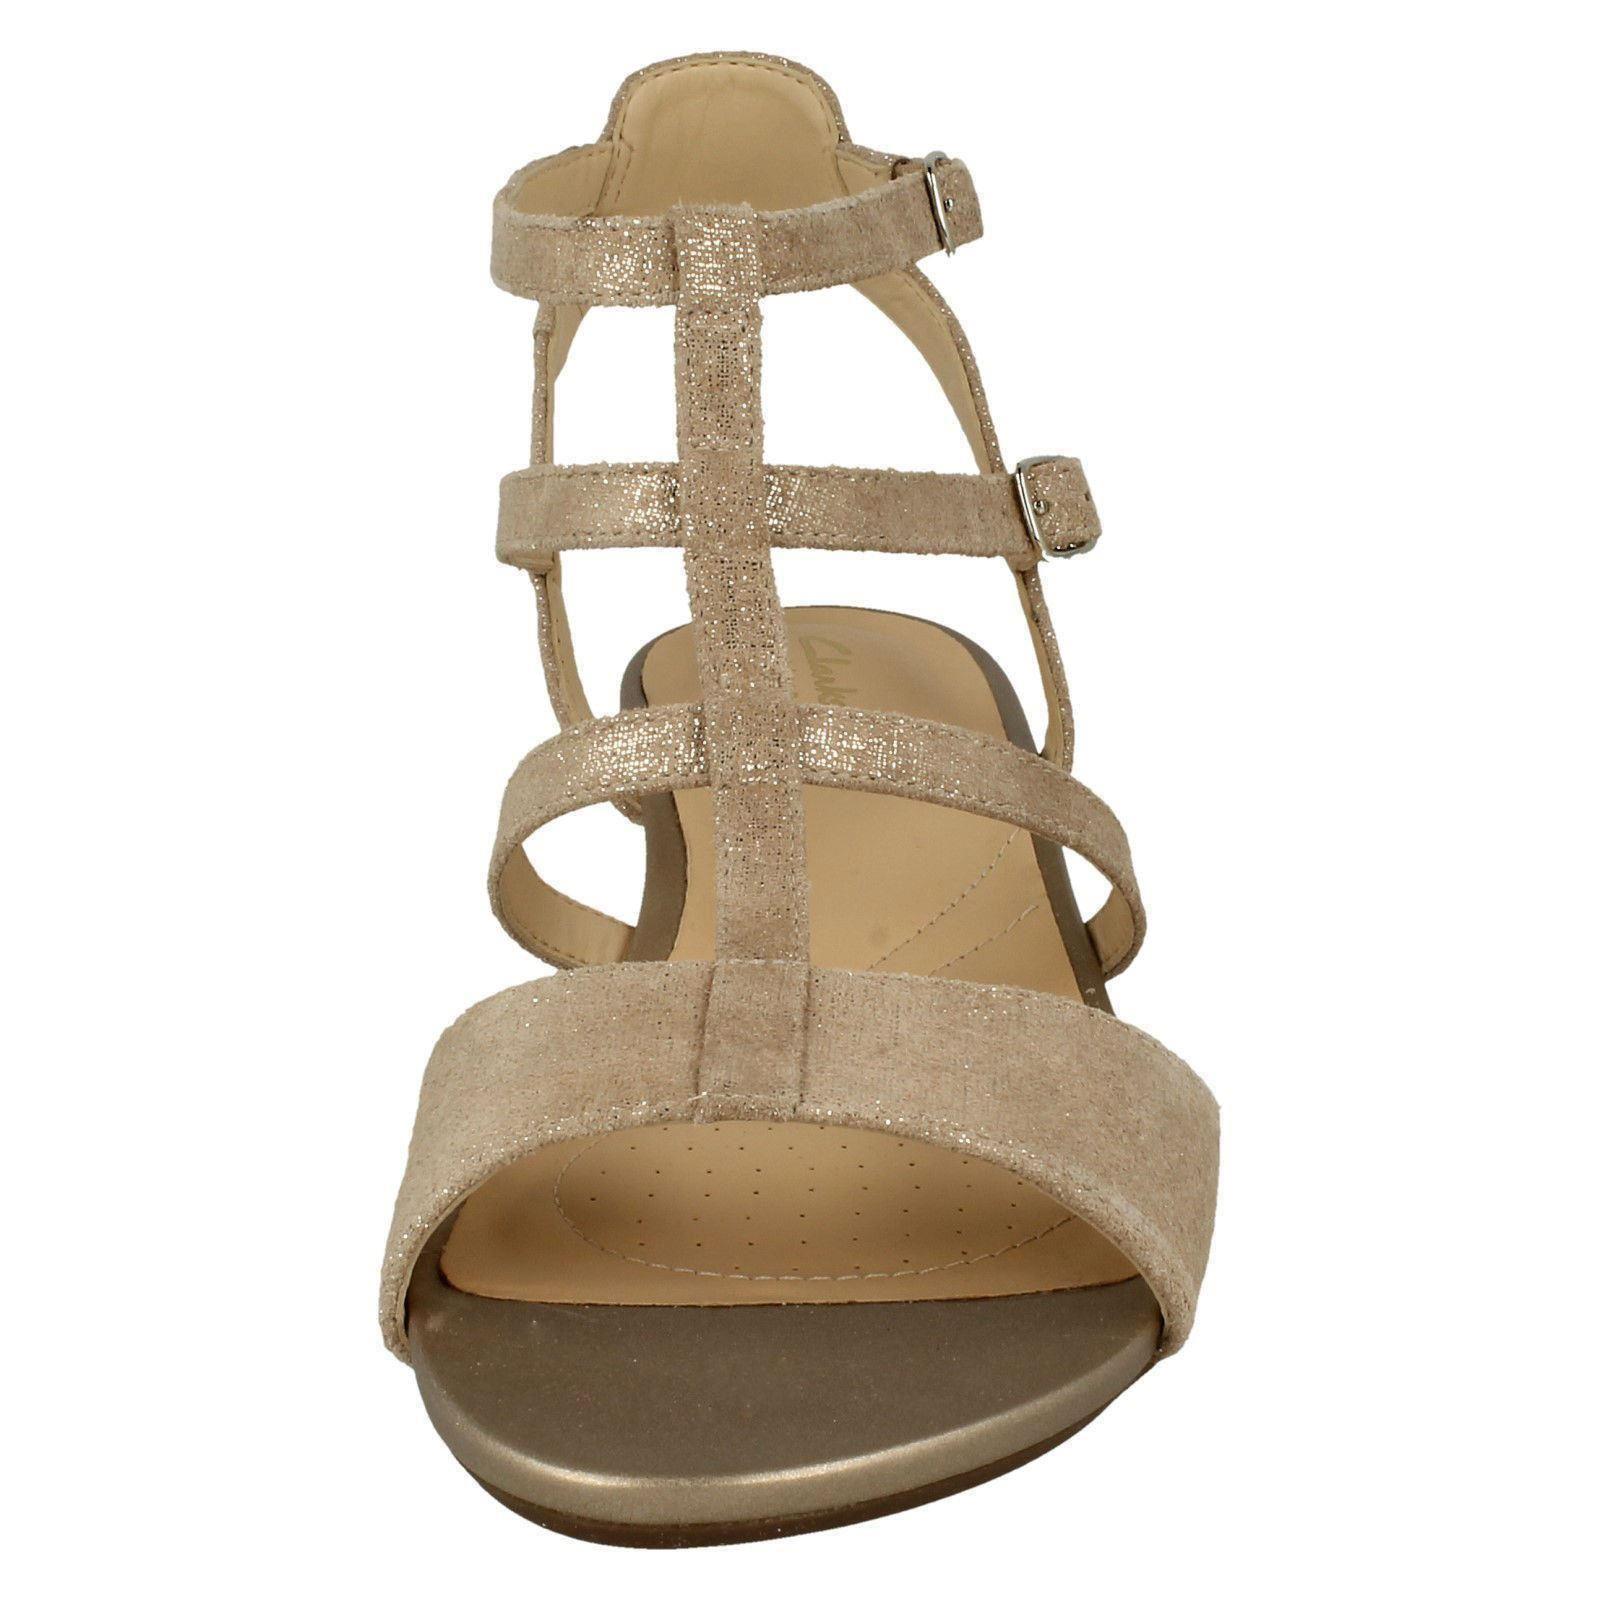 Sandali Etichetta-parram Donna Clarks Smart Sandali Gladiatore Etichetta-parram Sandali Spice aec903